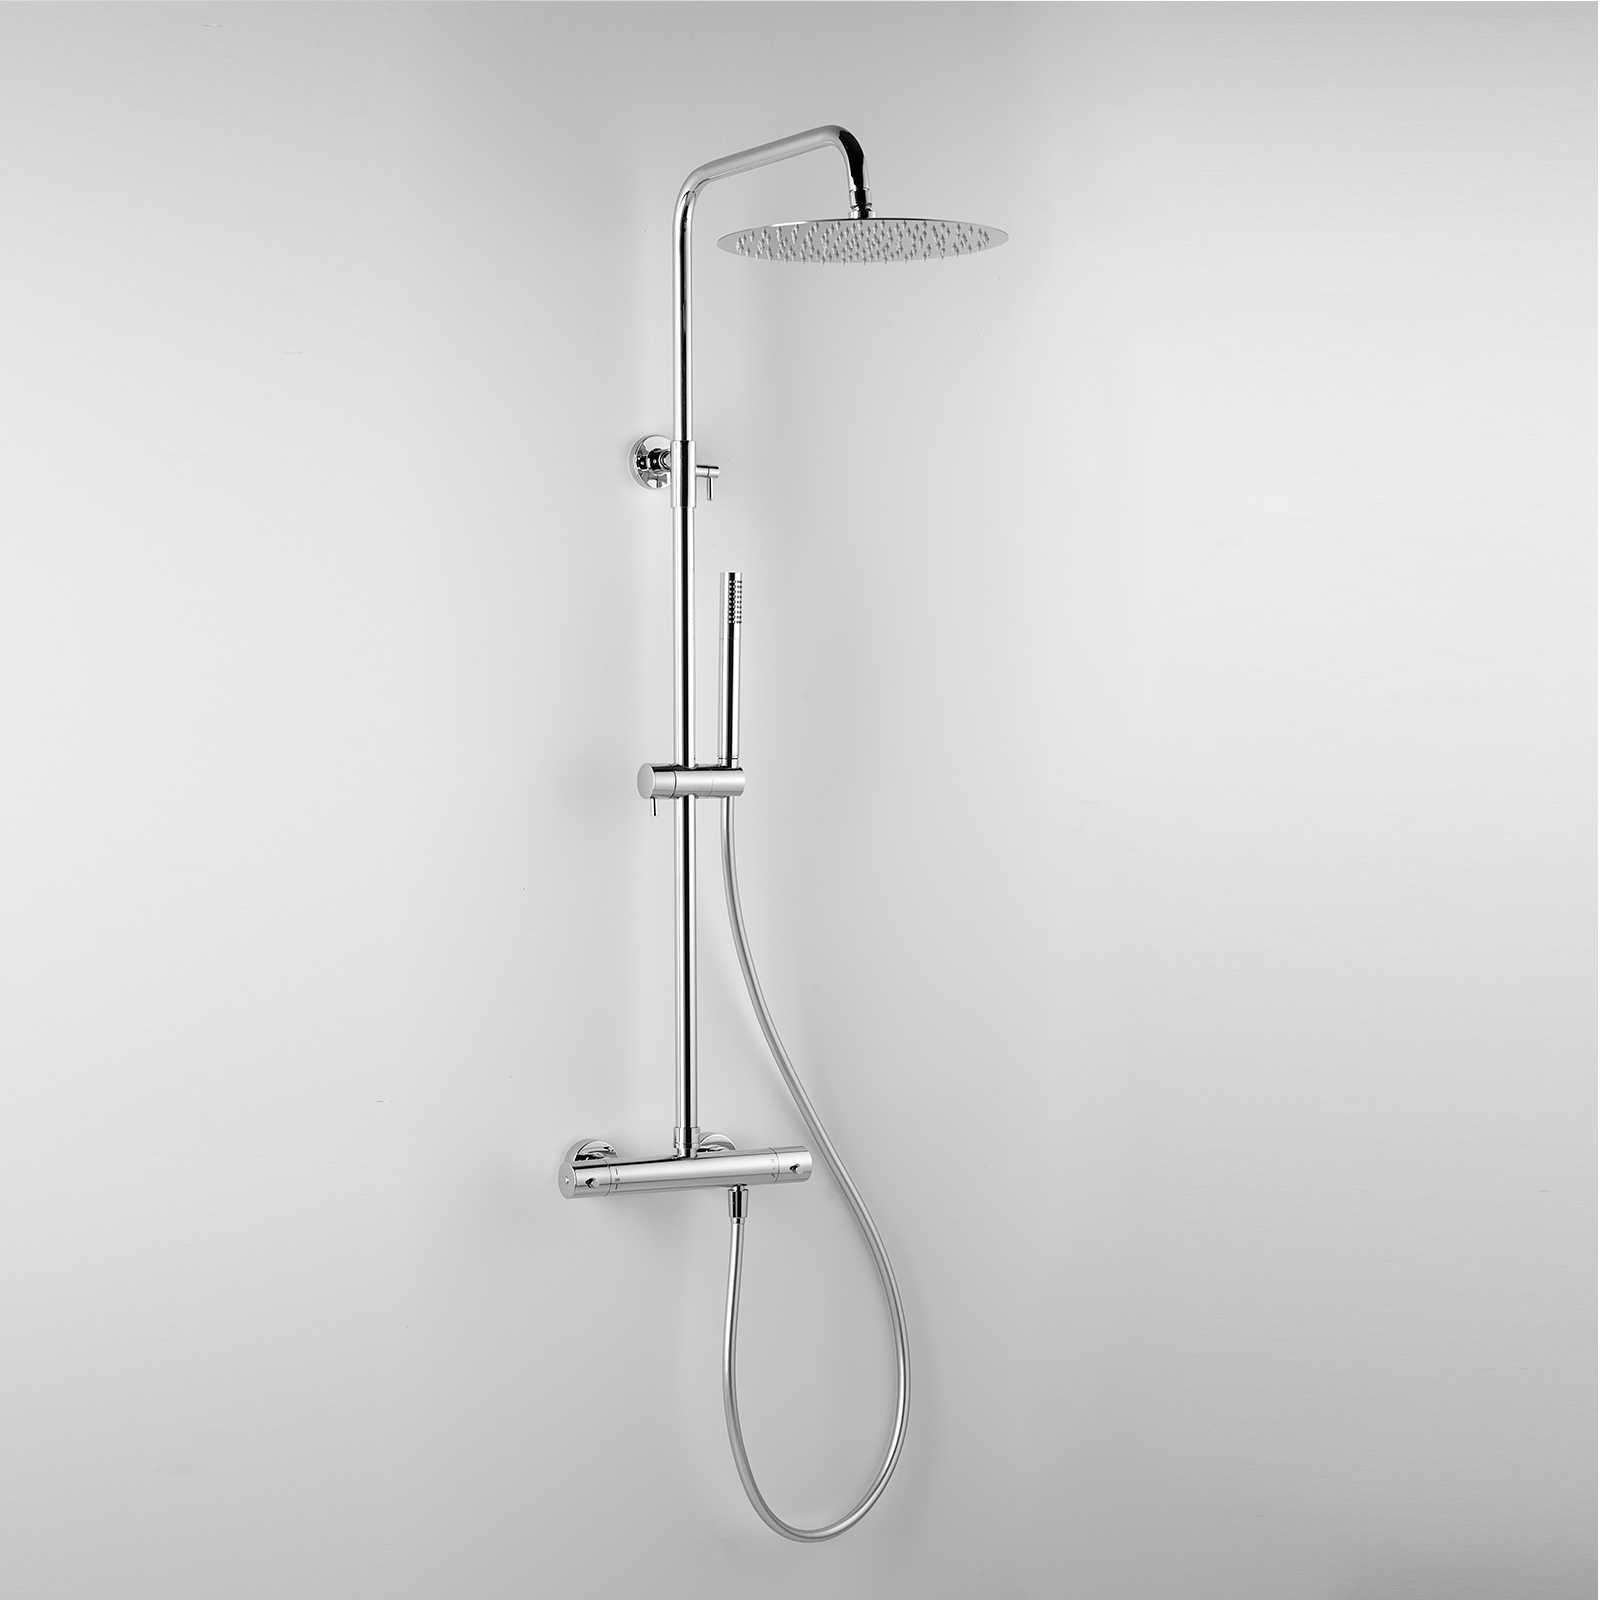 Colonna doccia termostatica tonda con soffione d. 30 e corpo telescopico